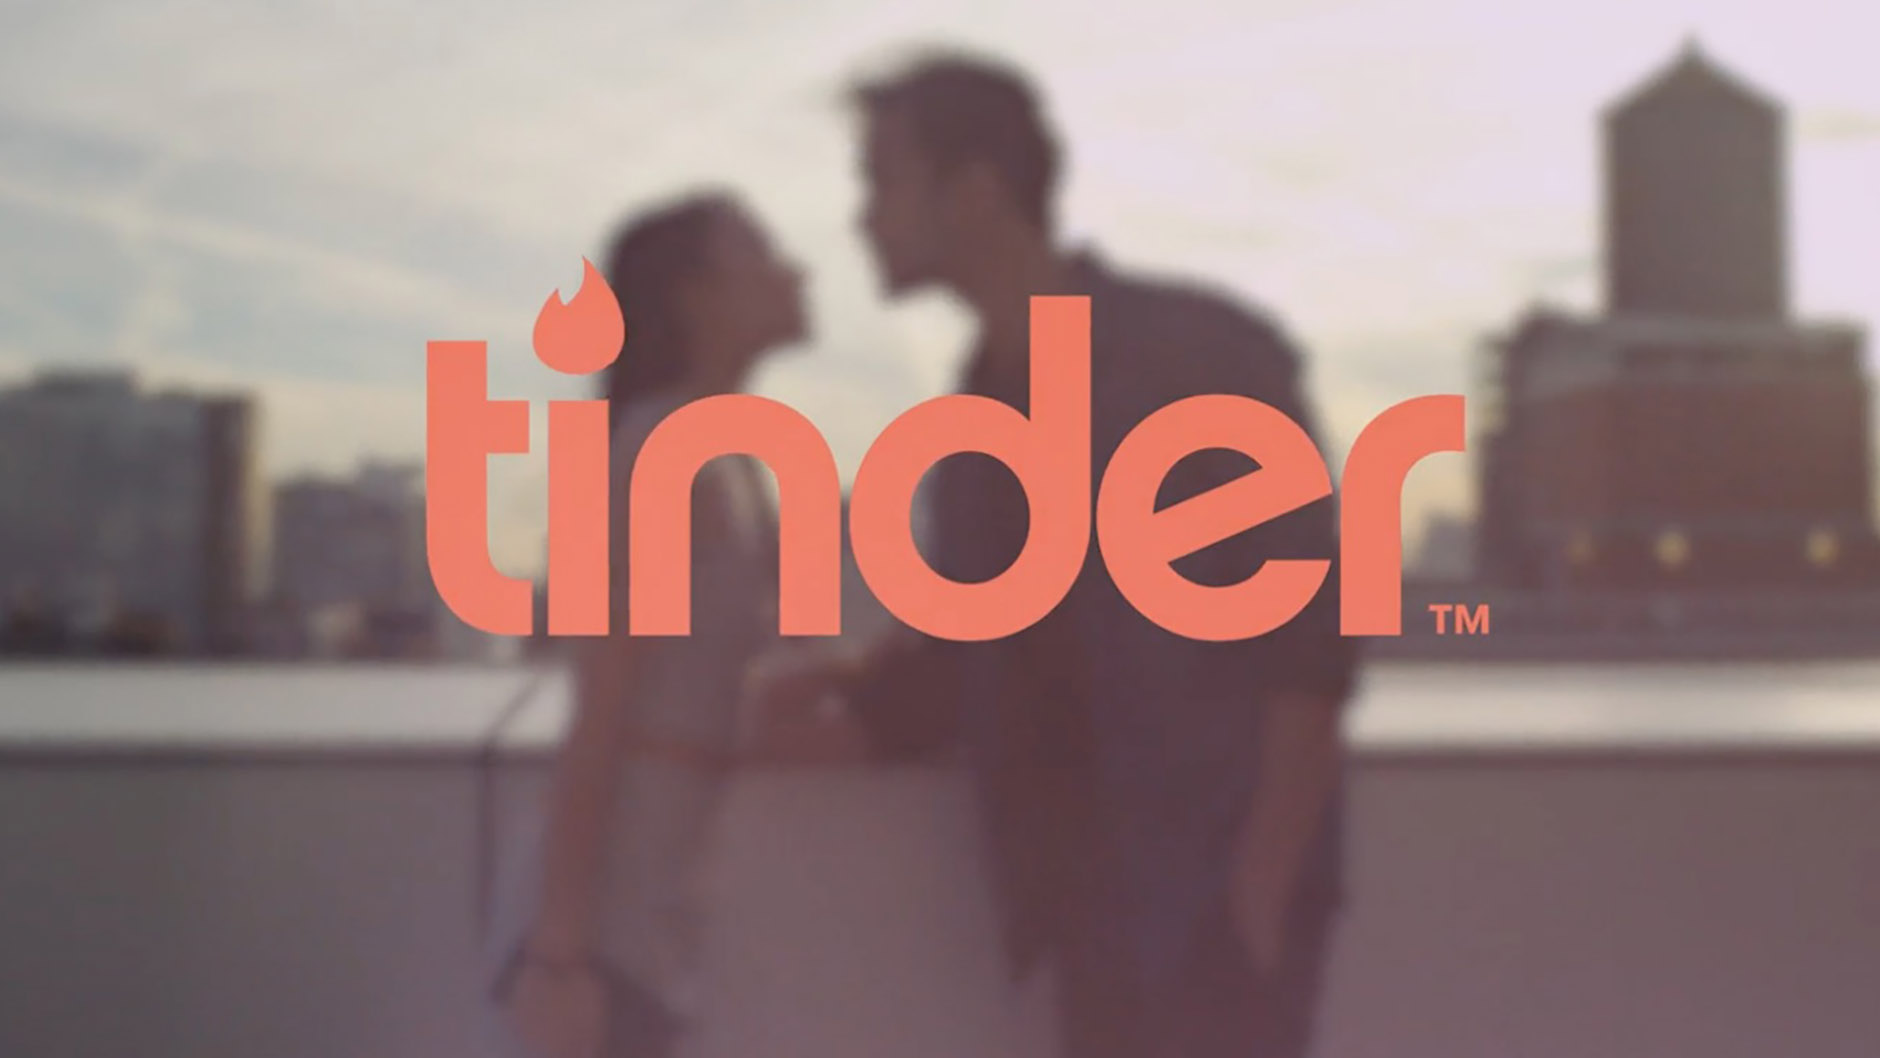 Existe Tinder Select, una versión exclusiva para millonarios, modelos y famosos